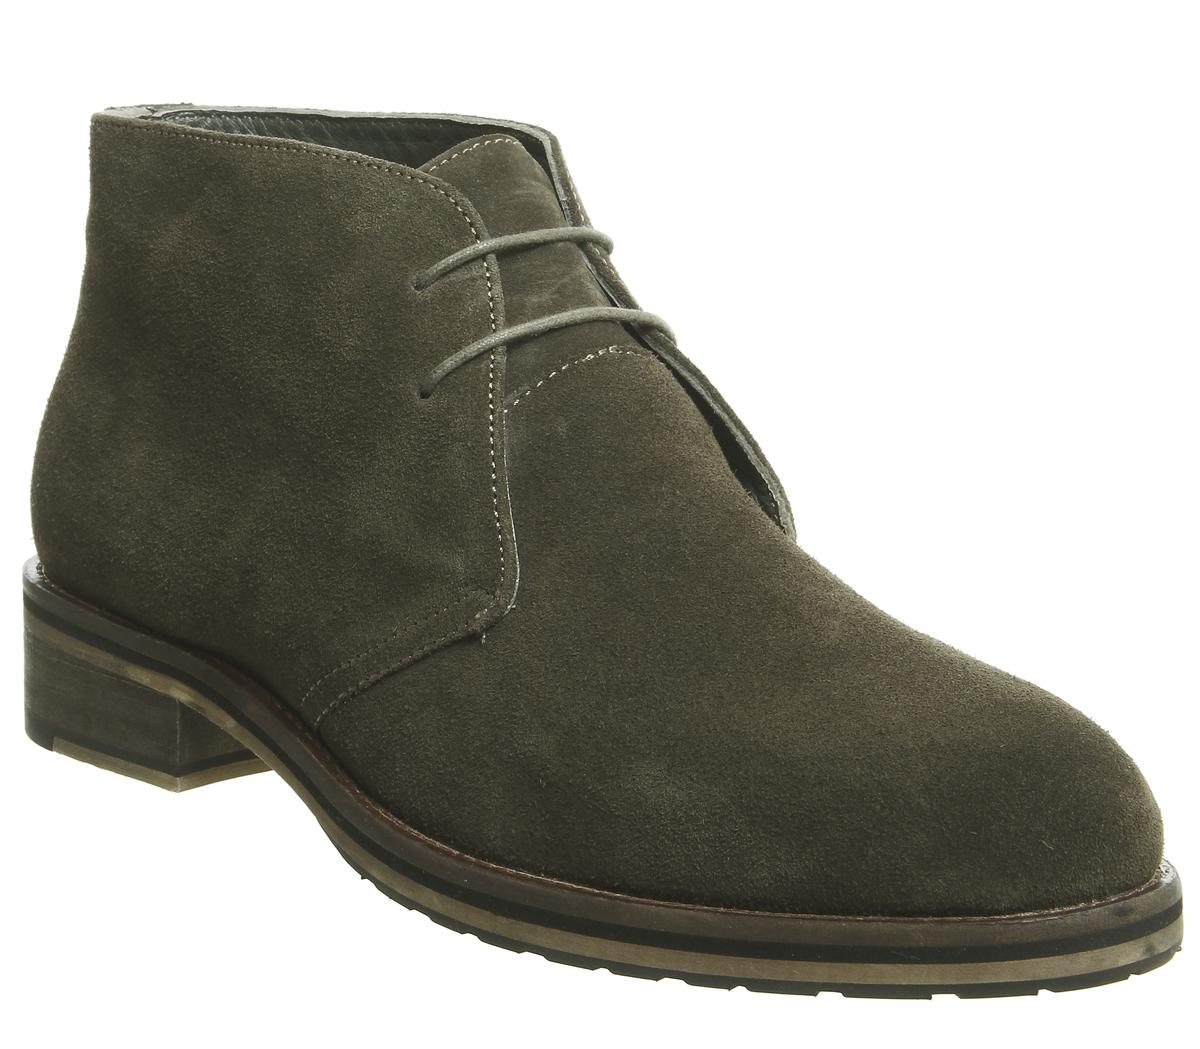 Inland Chukka Boots